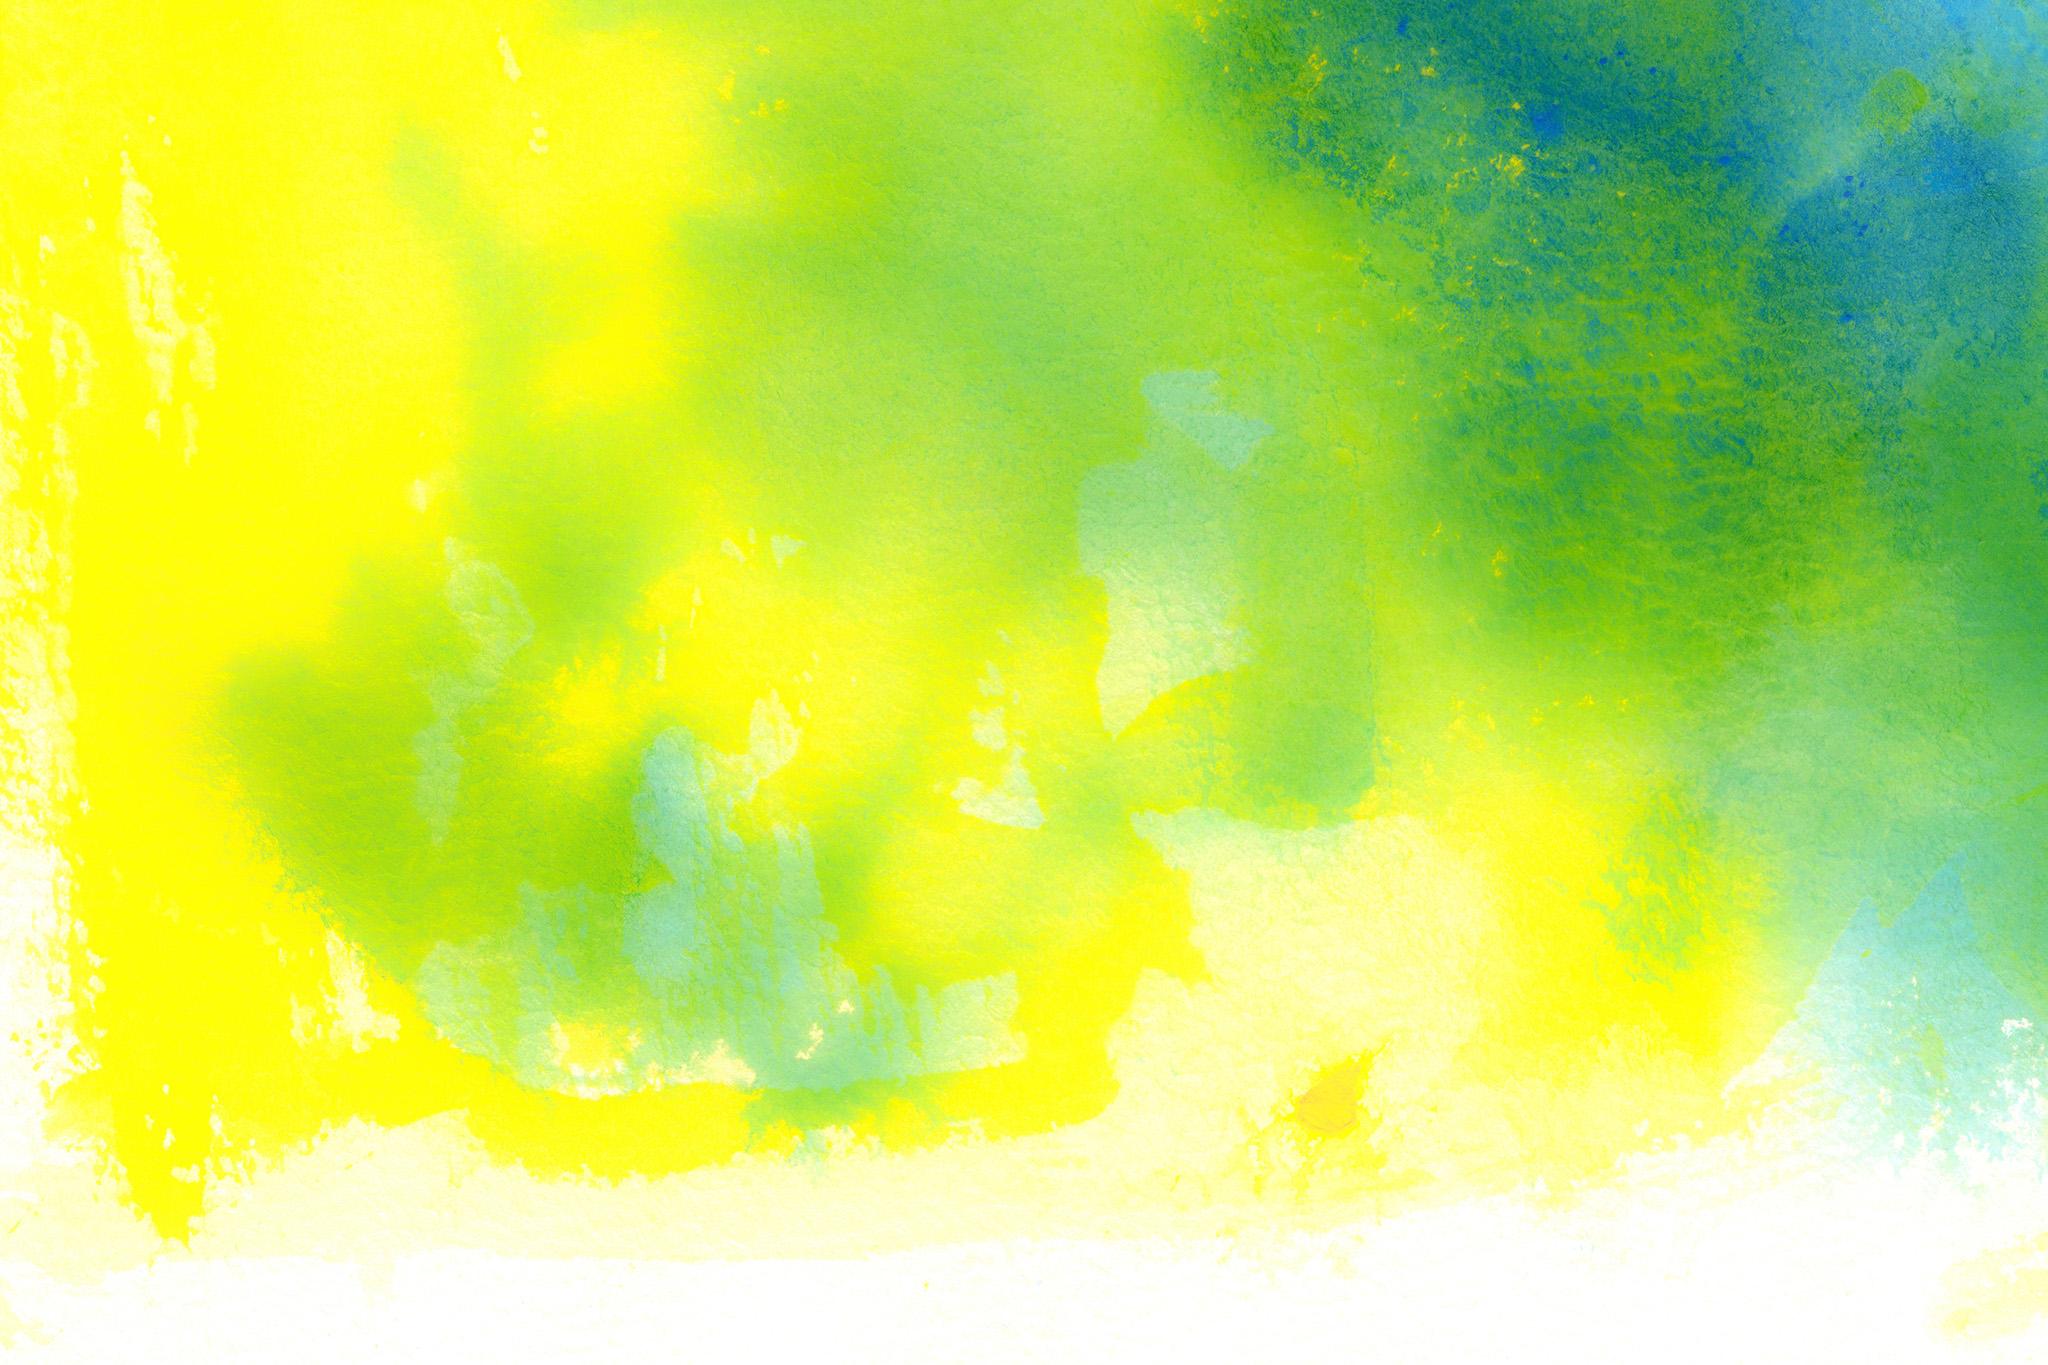 「イエローとグリーンの水彩テクスチャ」